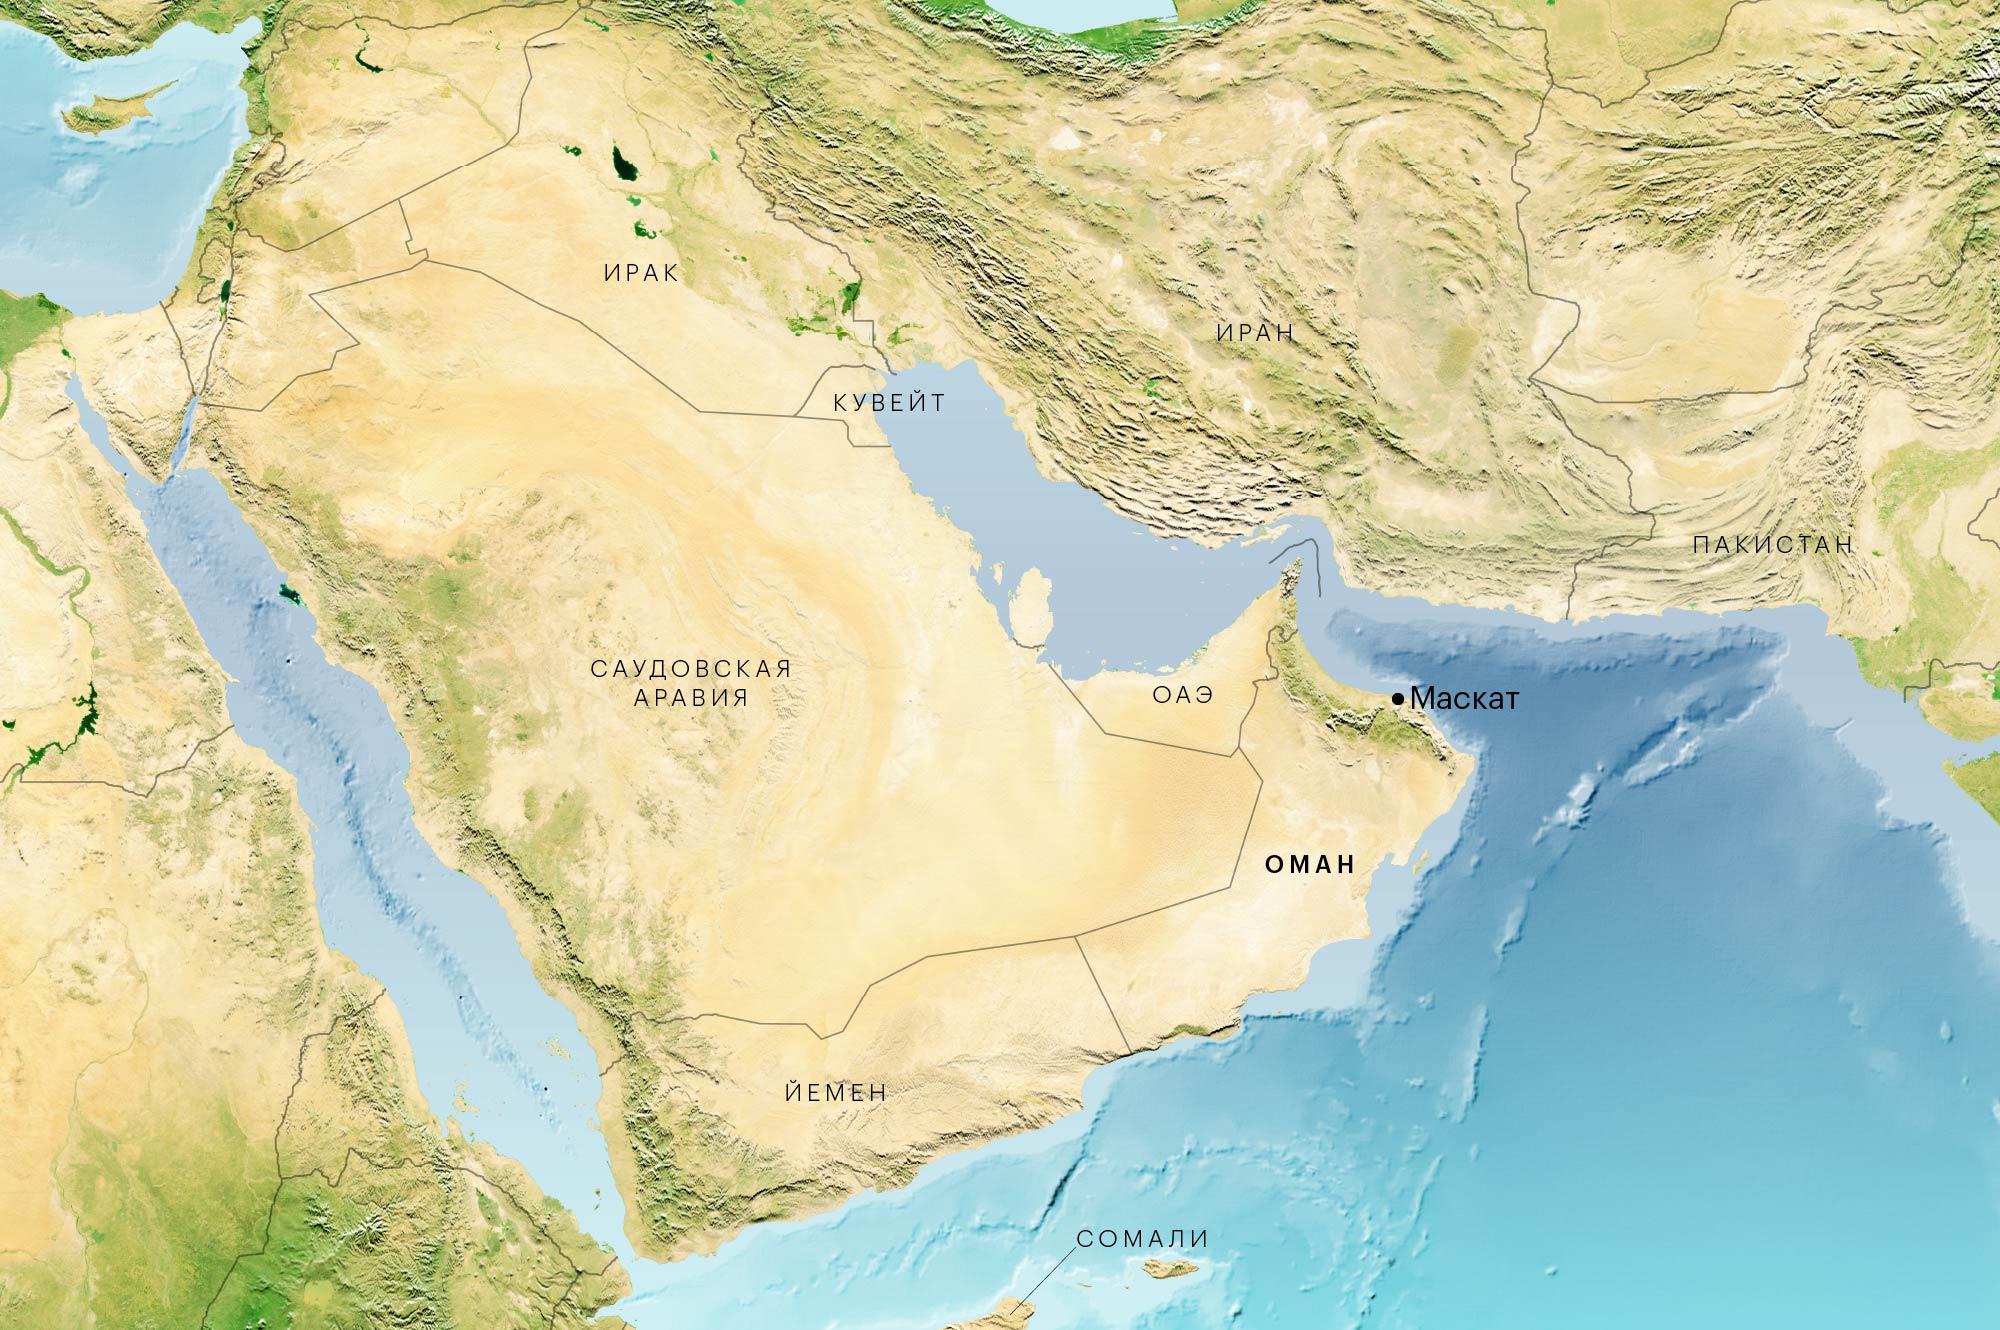 Оман находится в одной из самых горячих точек на планете — причем горячей во всех смыслах